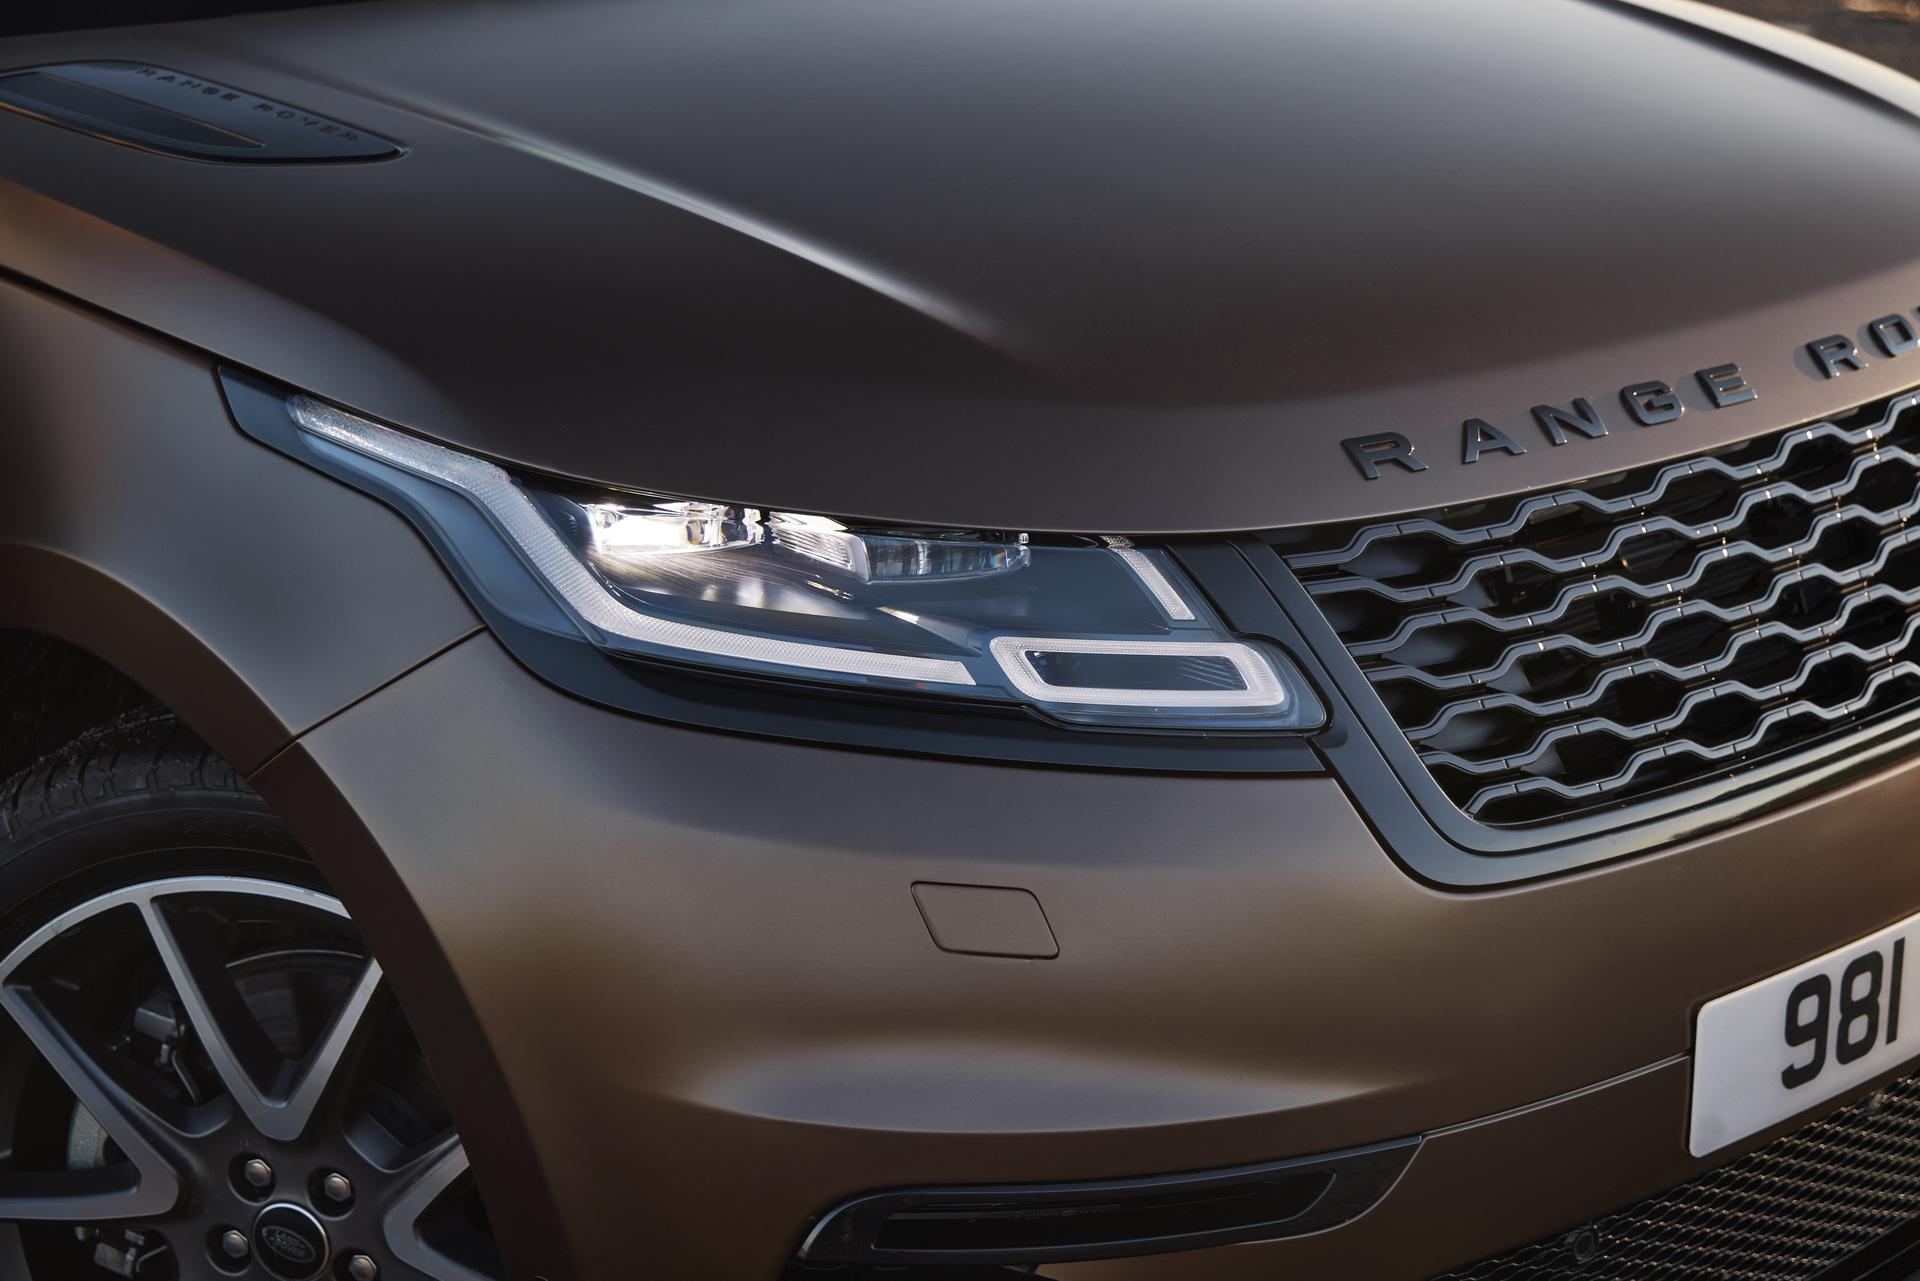 Land-Rover-ra-mắt-Range-Rover-Velar-2022-với-nhiều-nâng-cấp (11).jpg